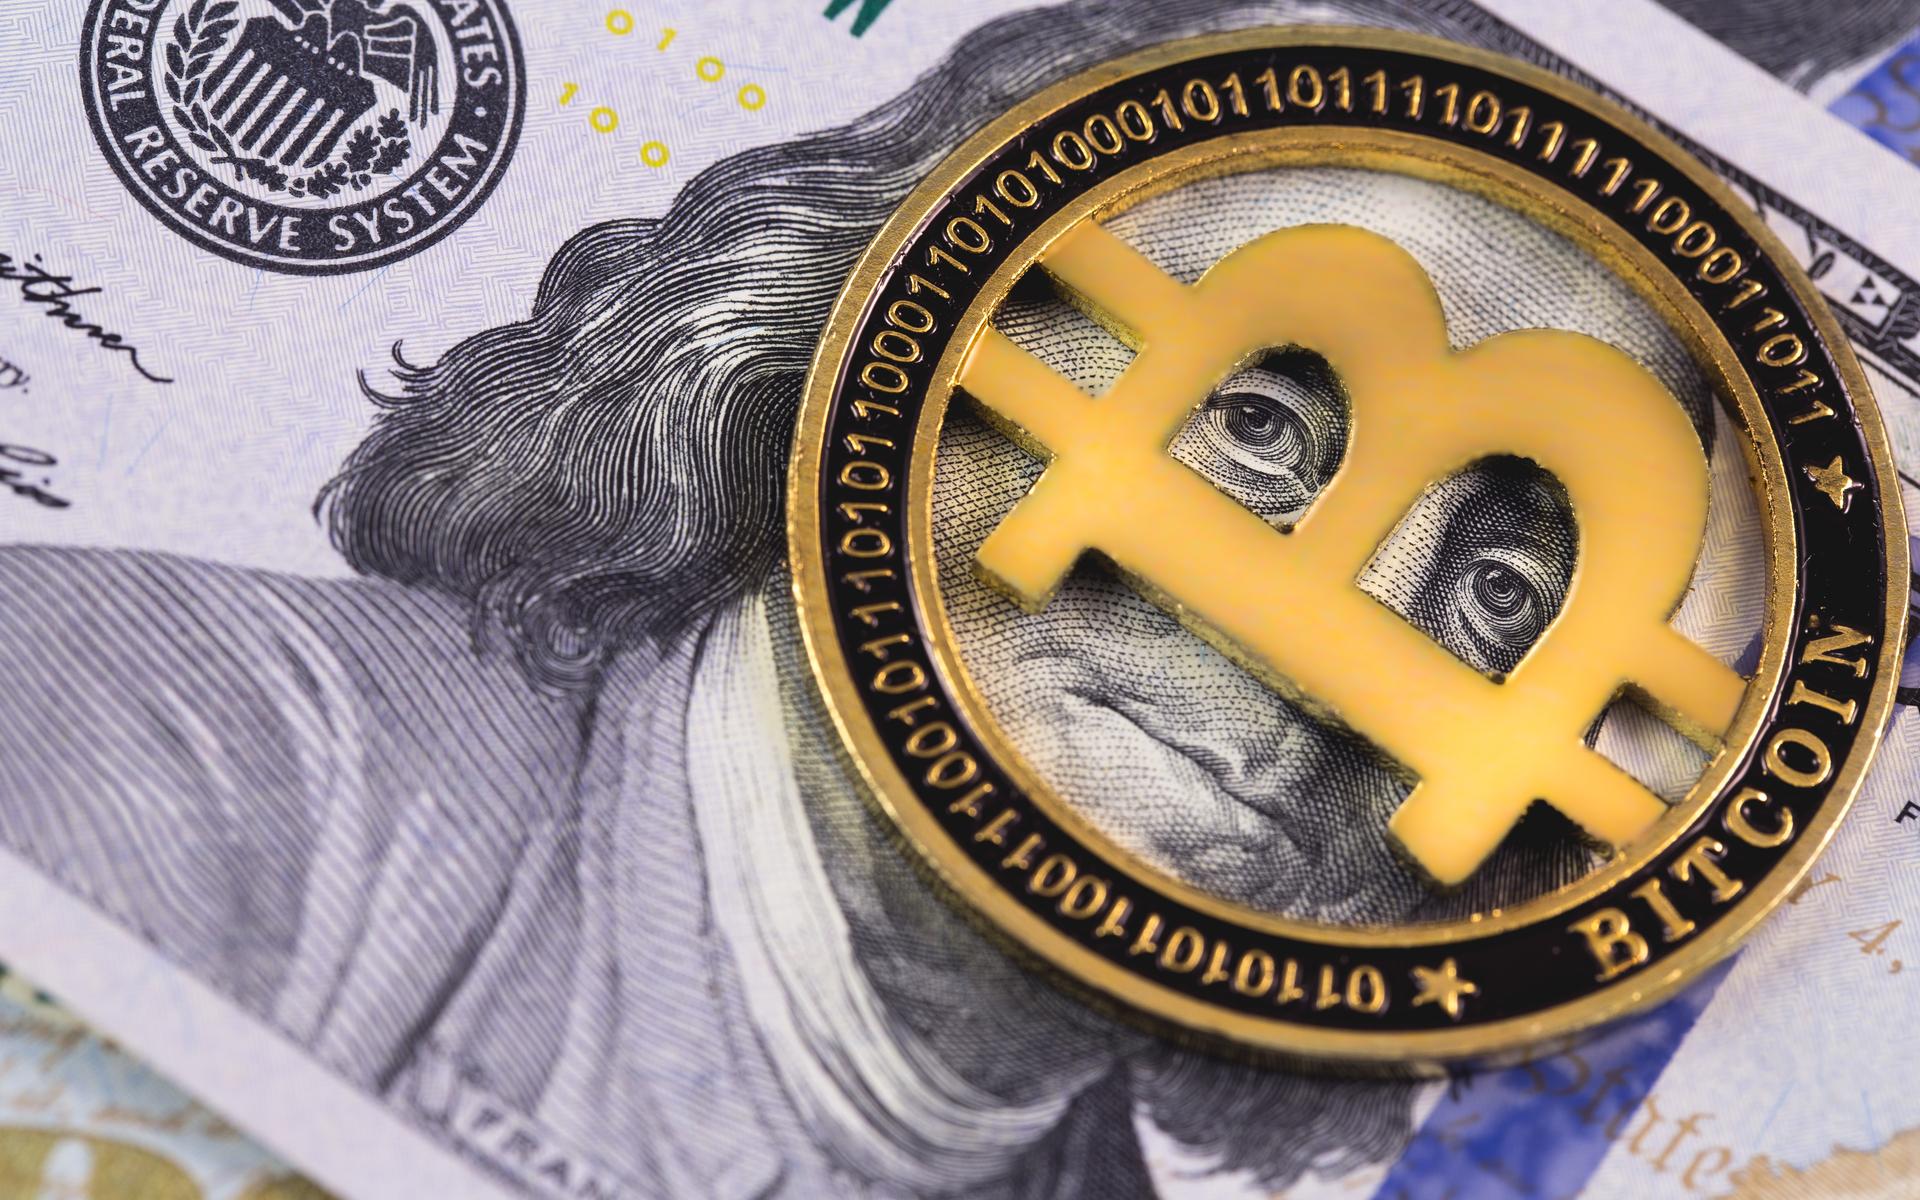 btc 30 bin dolar tesvik dolar tesla bitcoin